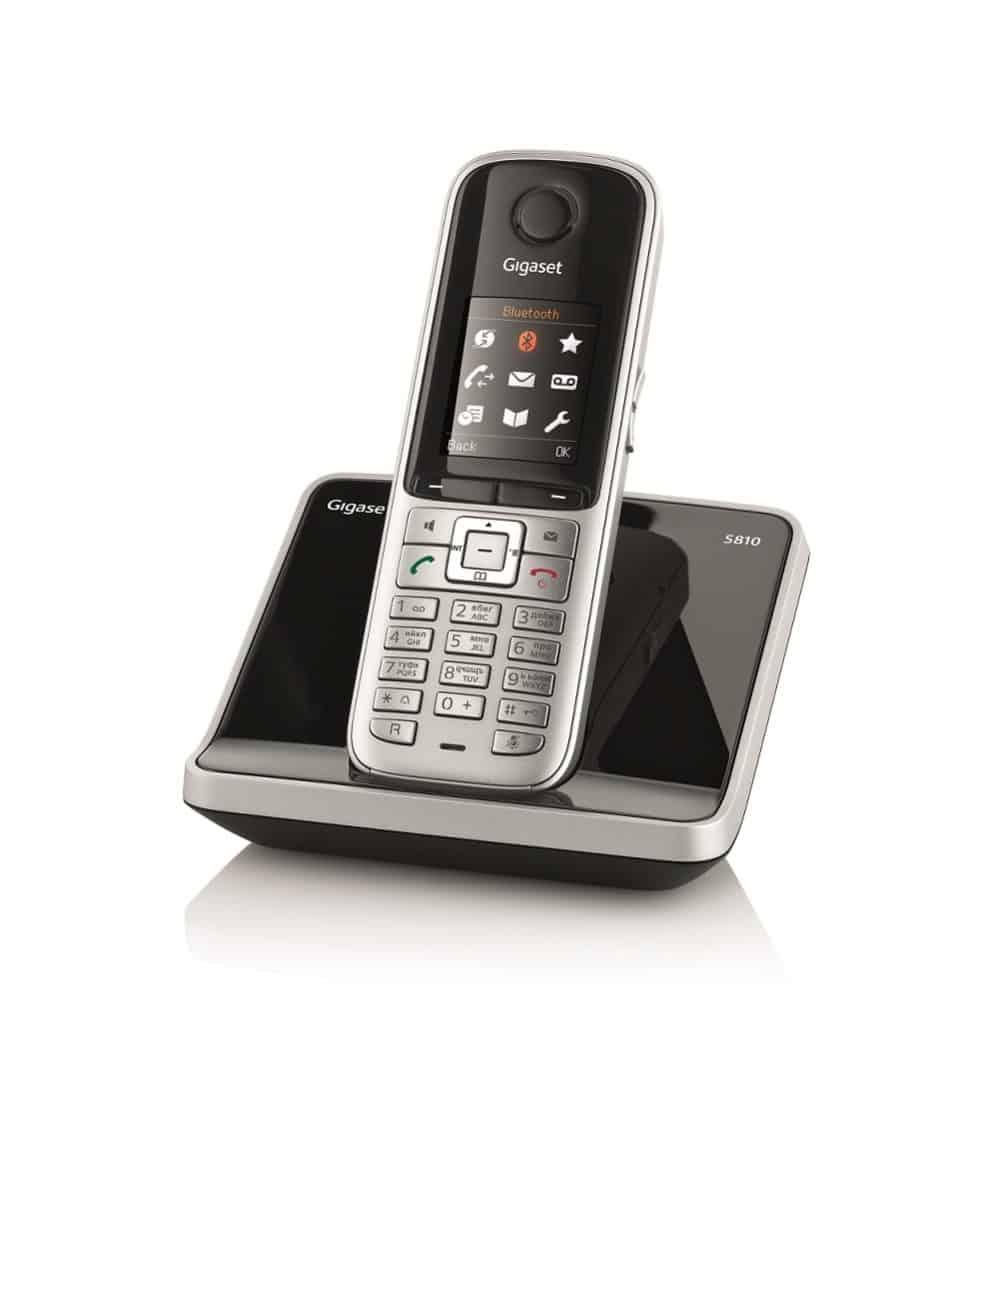 Gigaset S810 il telefono con Bluethoot funzionale e professionale